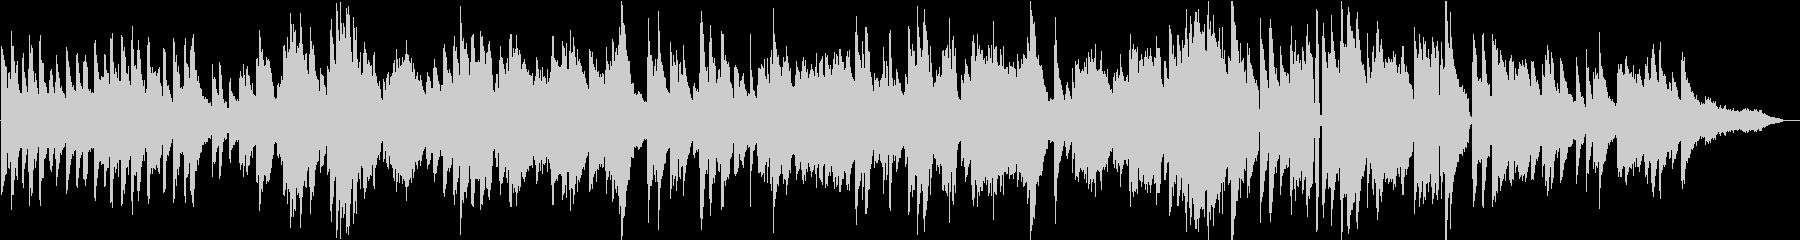 生演奏 爽やかな雰囲気のピアノBGMの未再生の波形